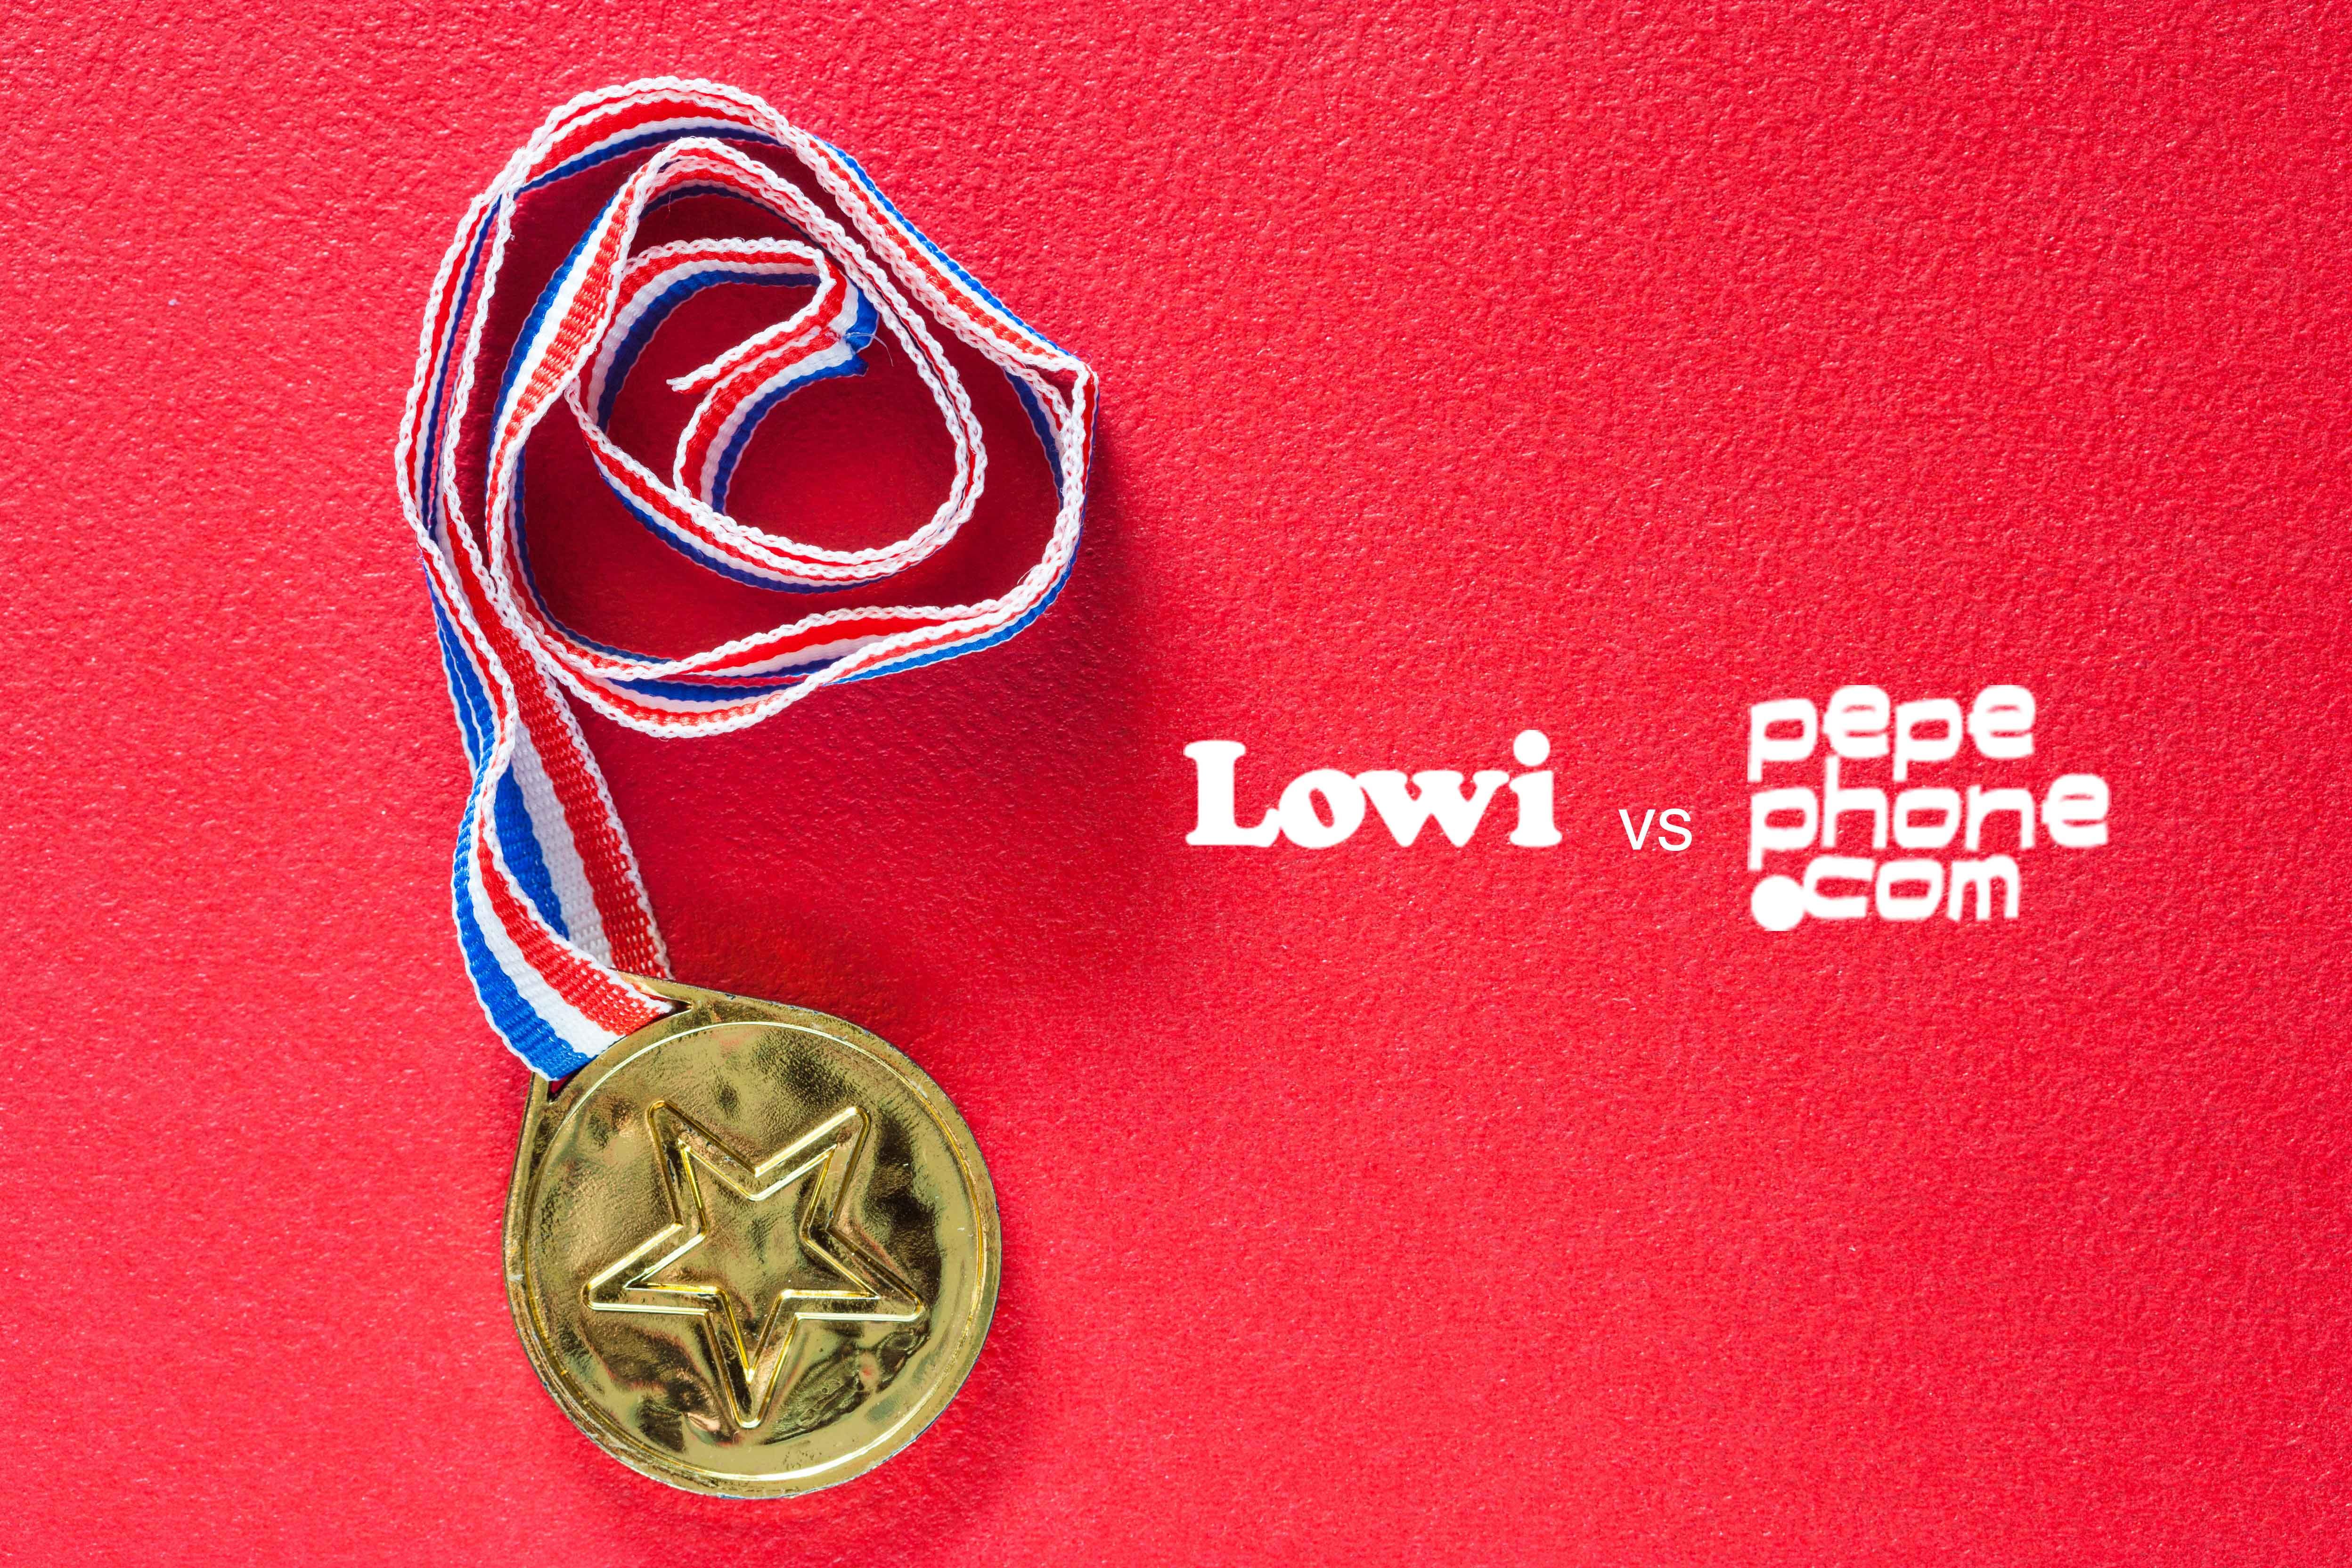 medalla de Lowi o Pepephone